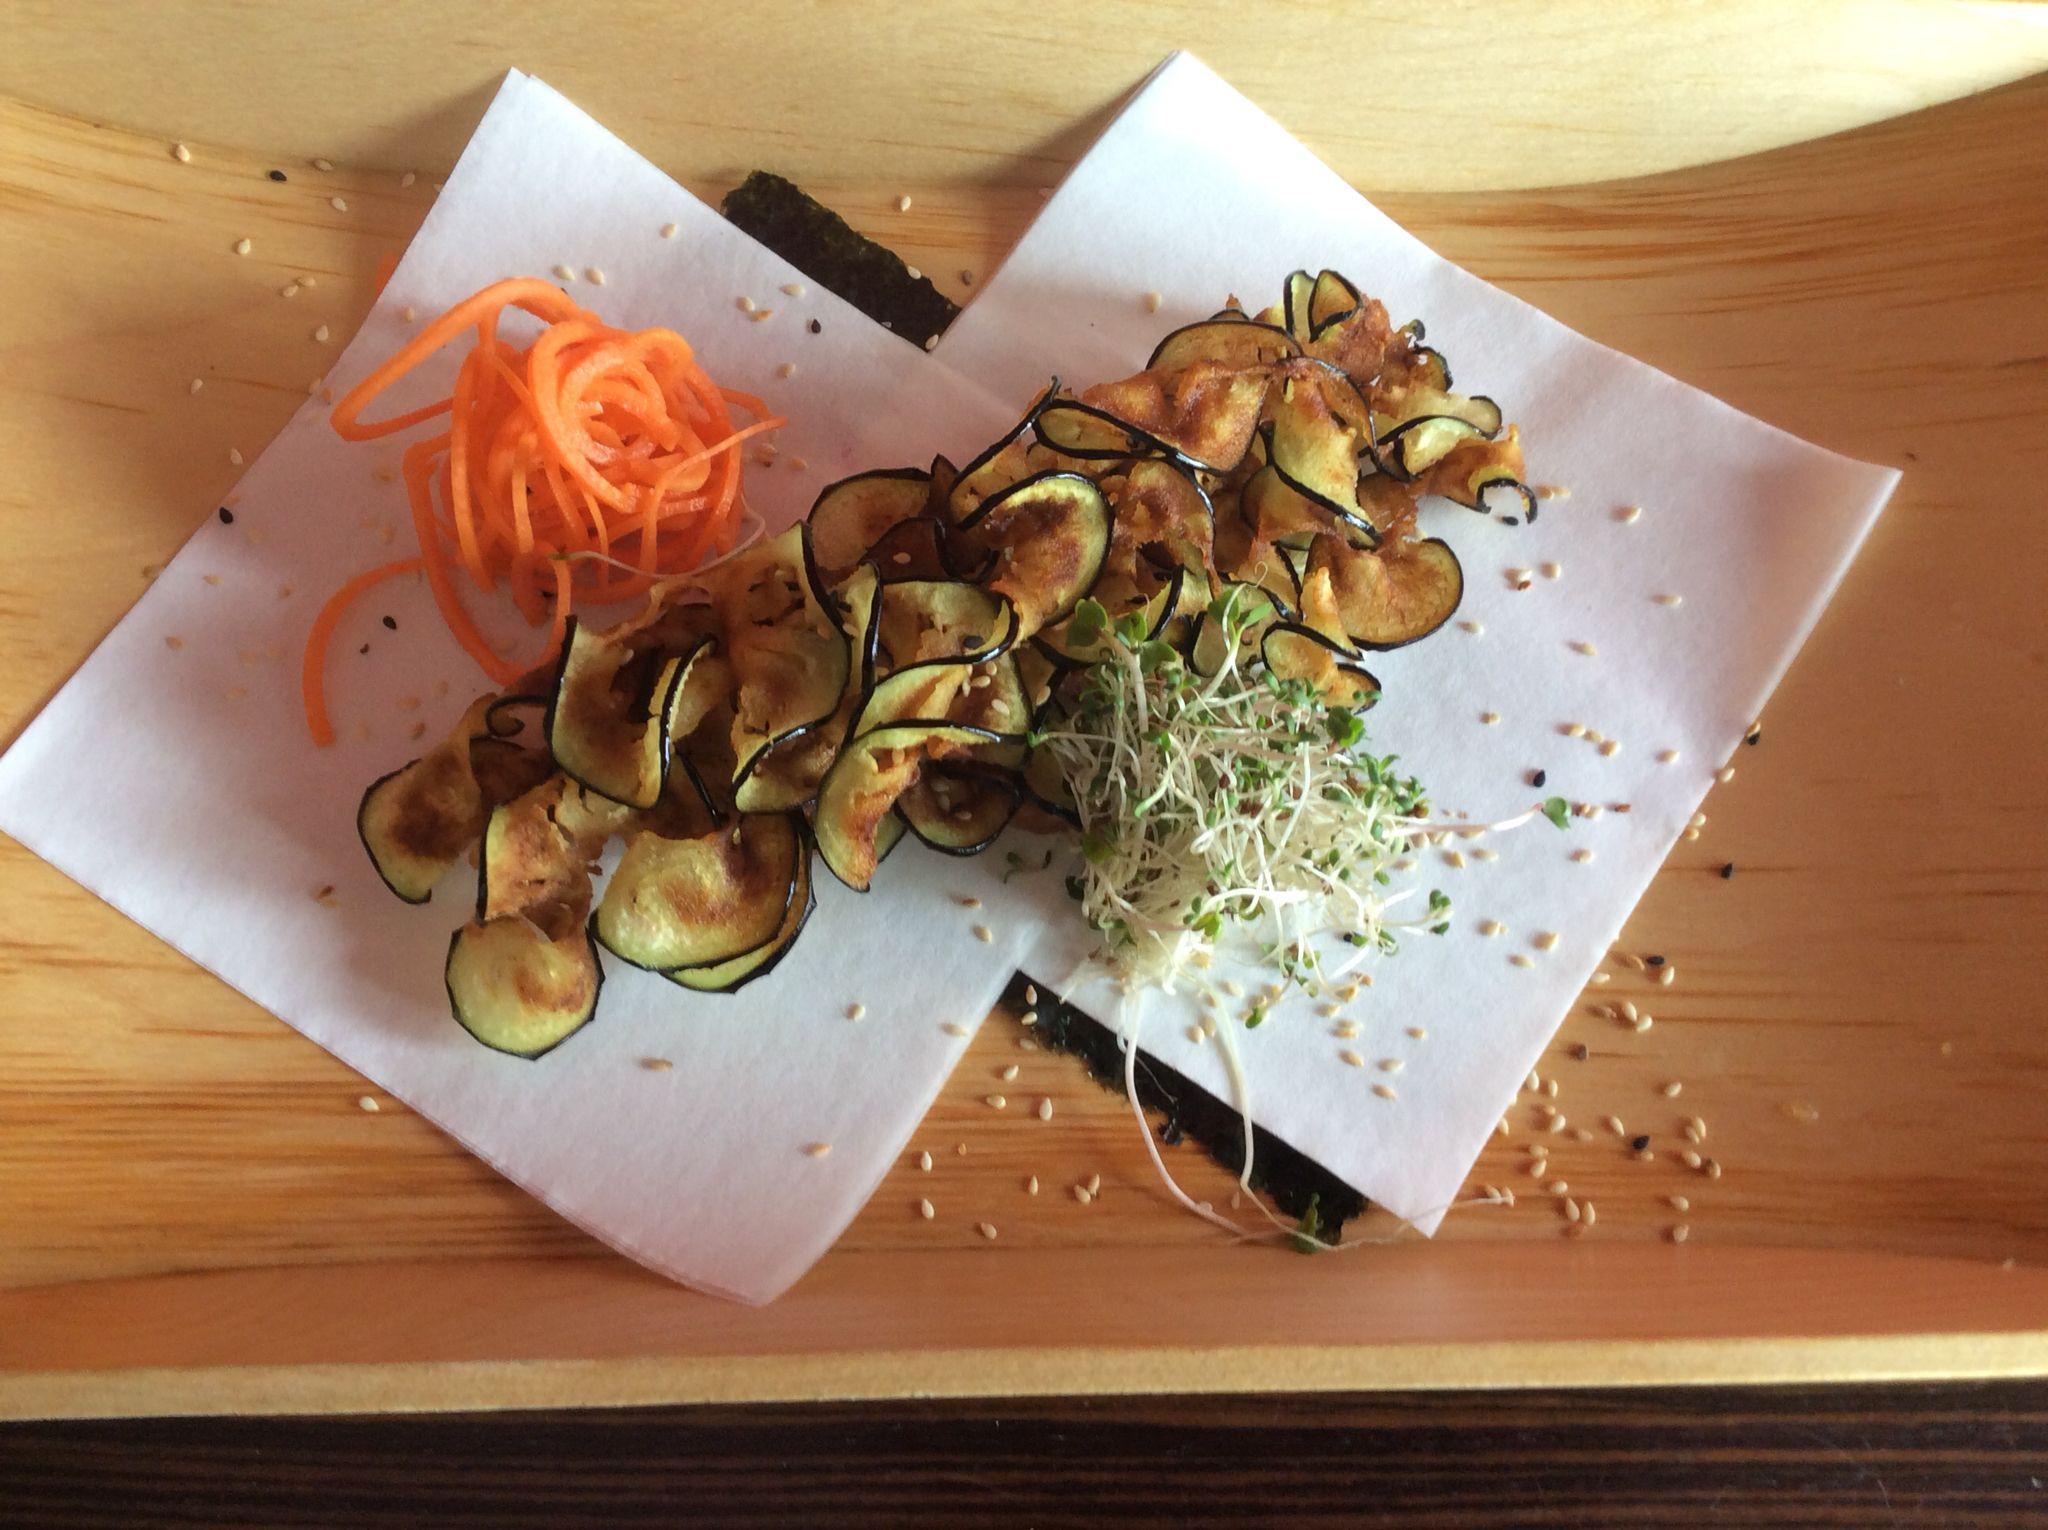 #friedzucchini #friedcourgette #zucchini #courgette